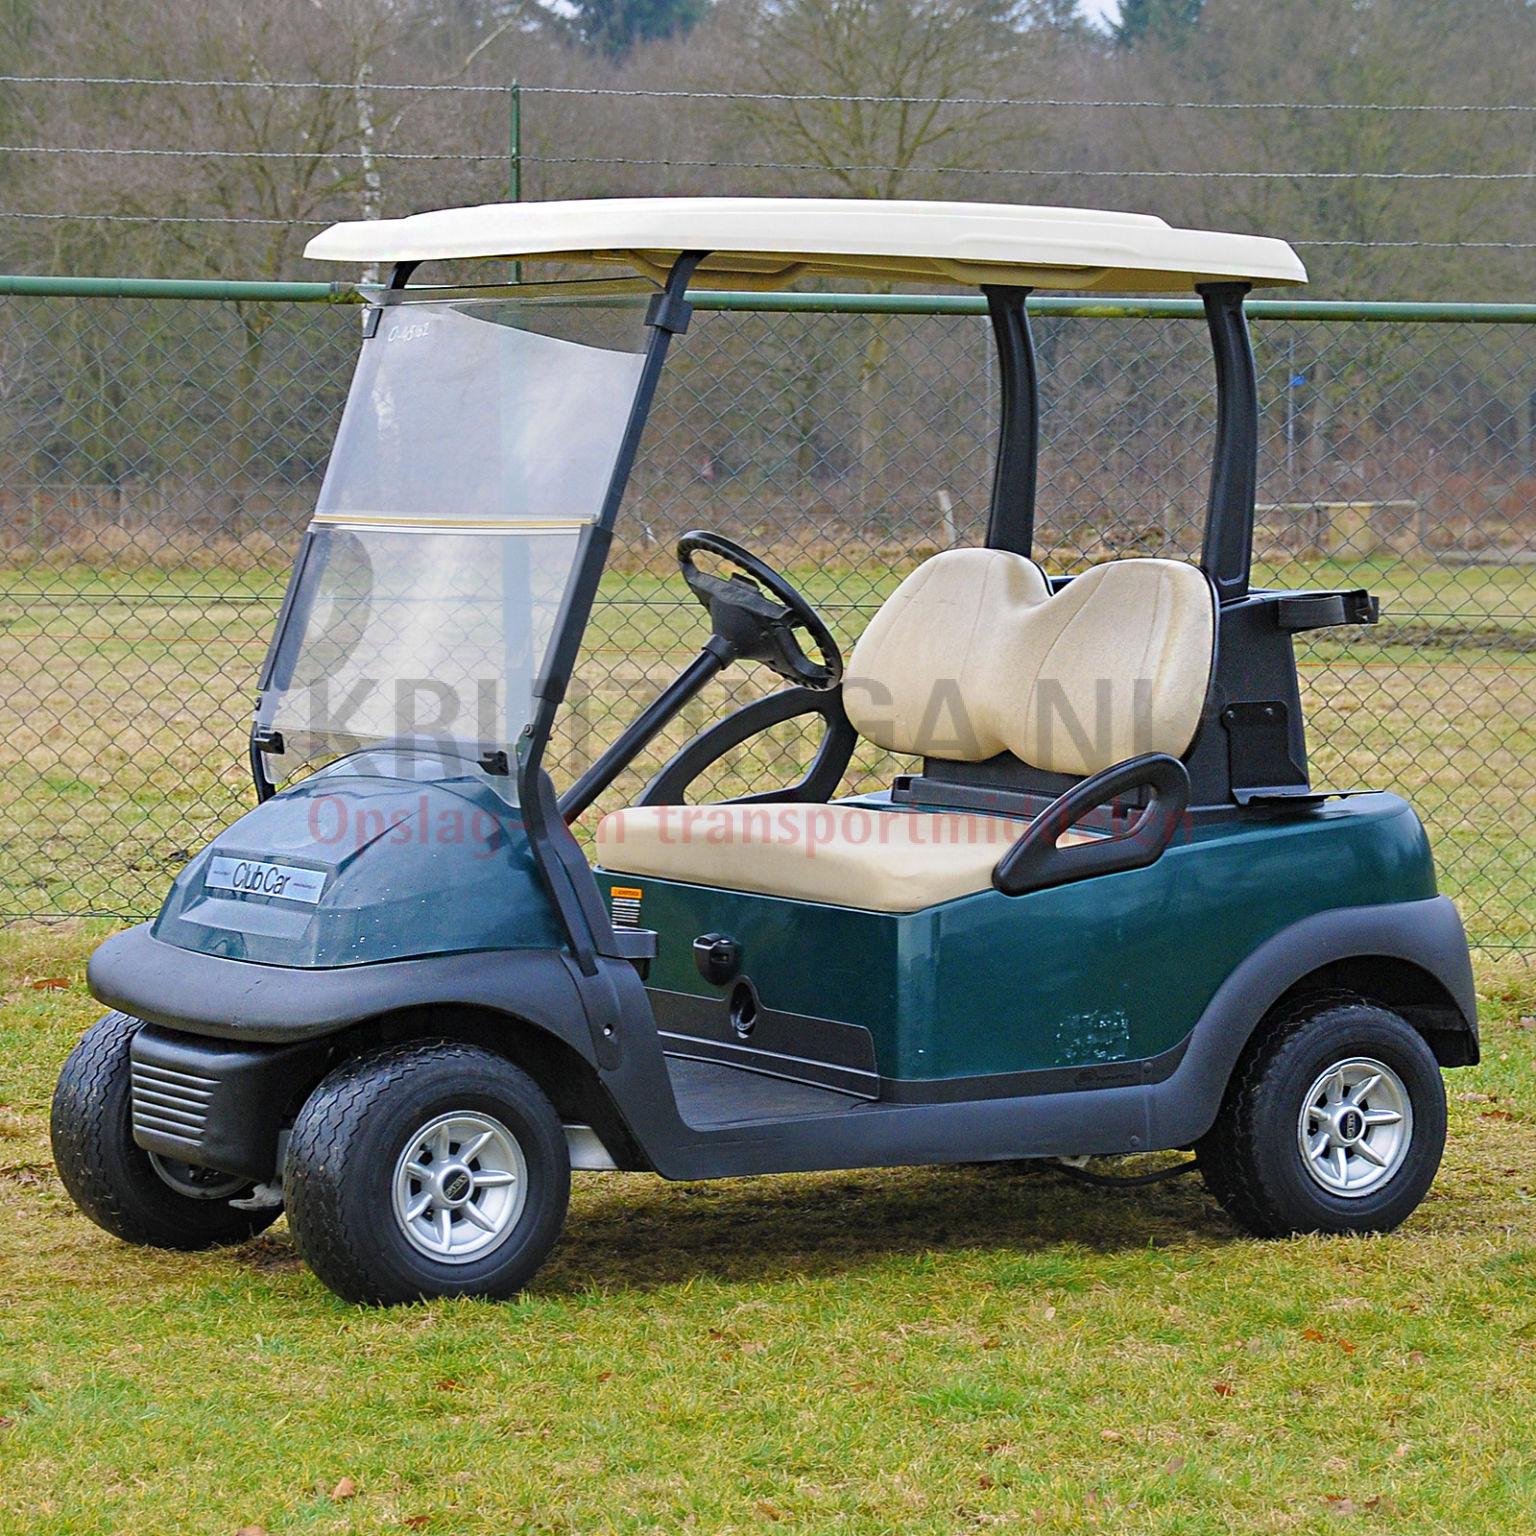 golf cart club car precedent pour 2 personnes lectrique occasion 2983 50 frais de livraison. Black Bedroom Furniture Sets. Home Design Ideas